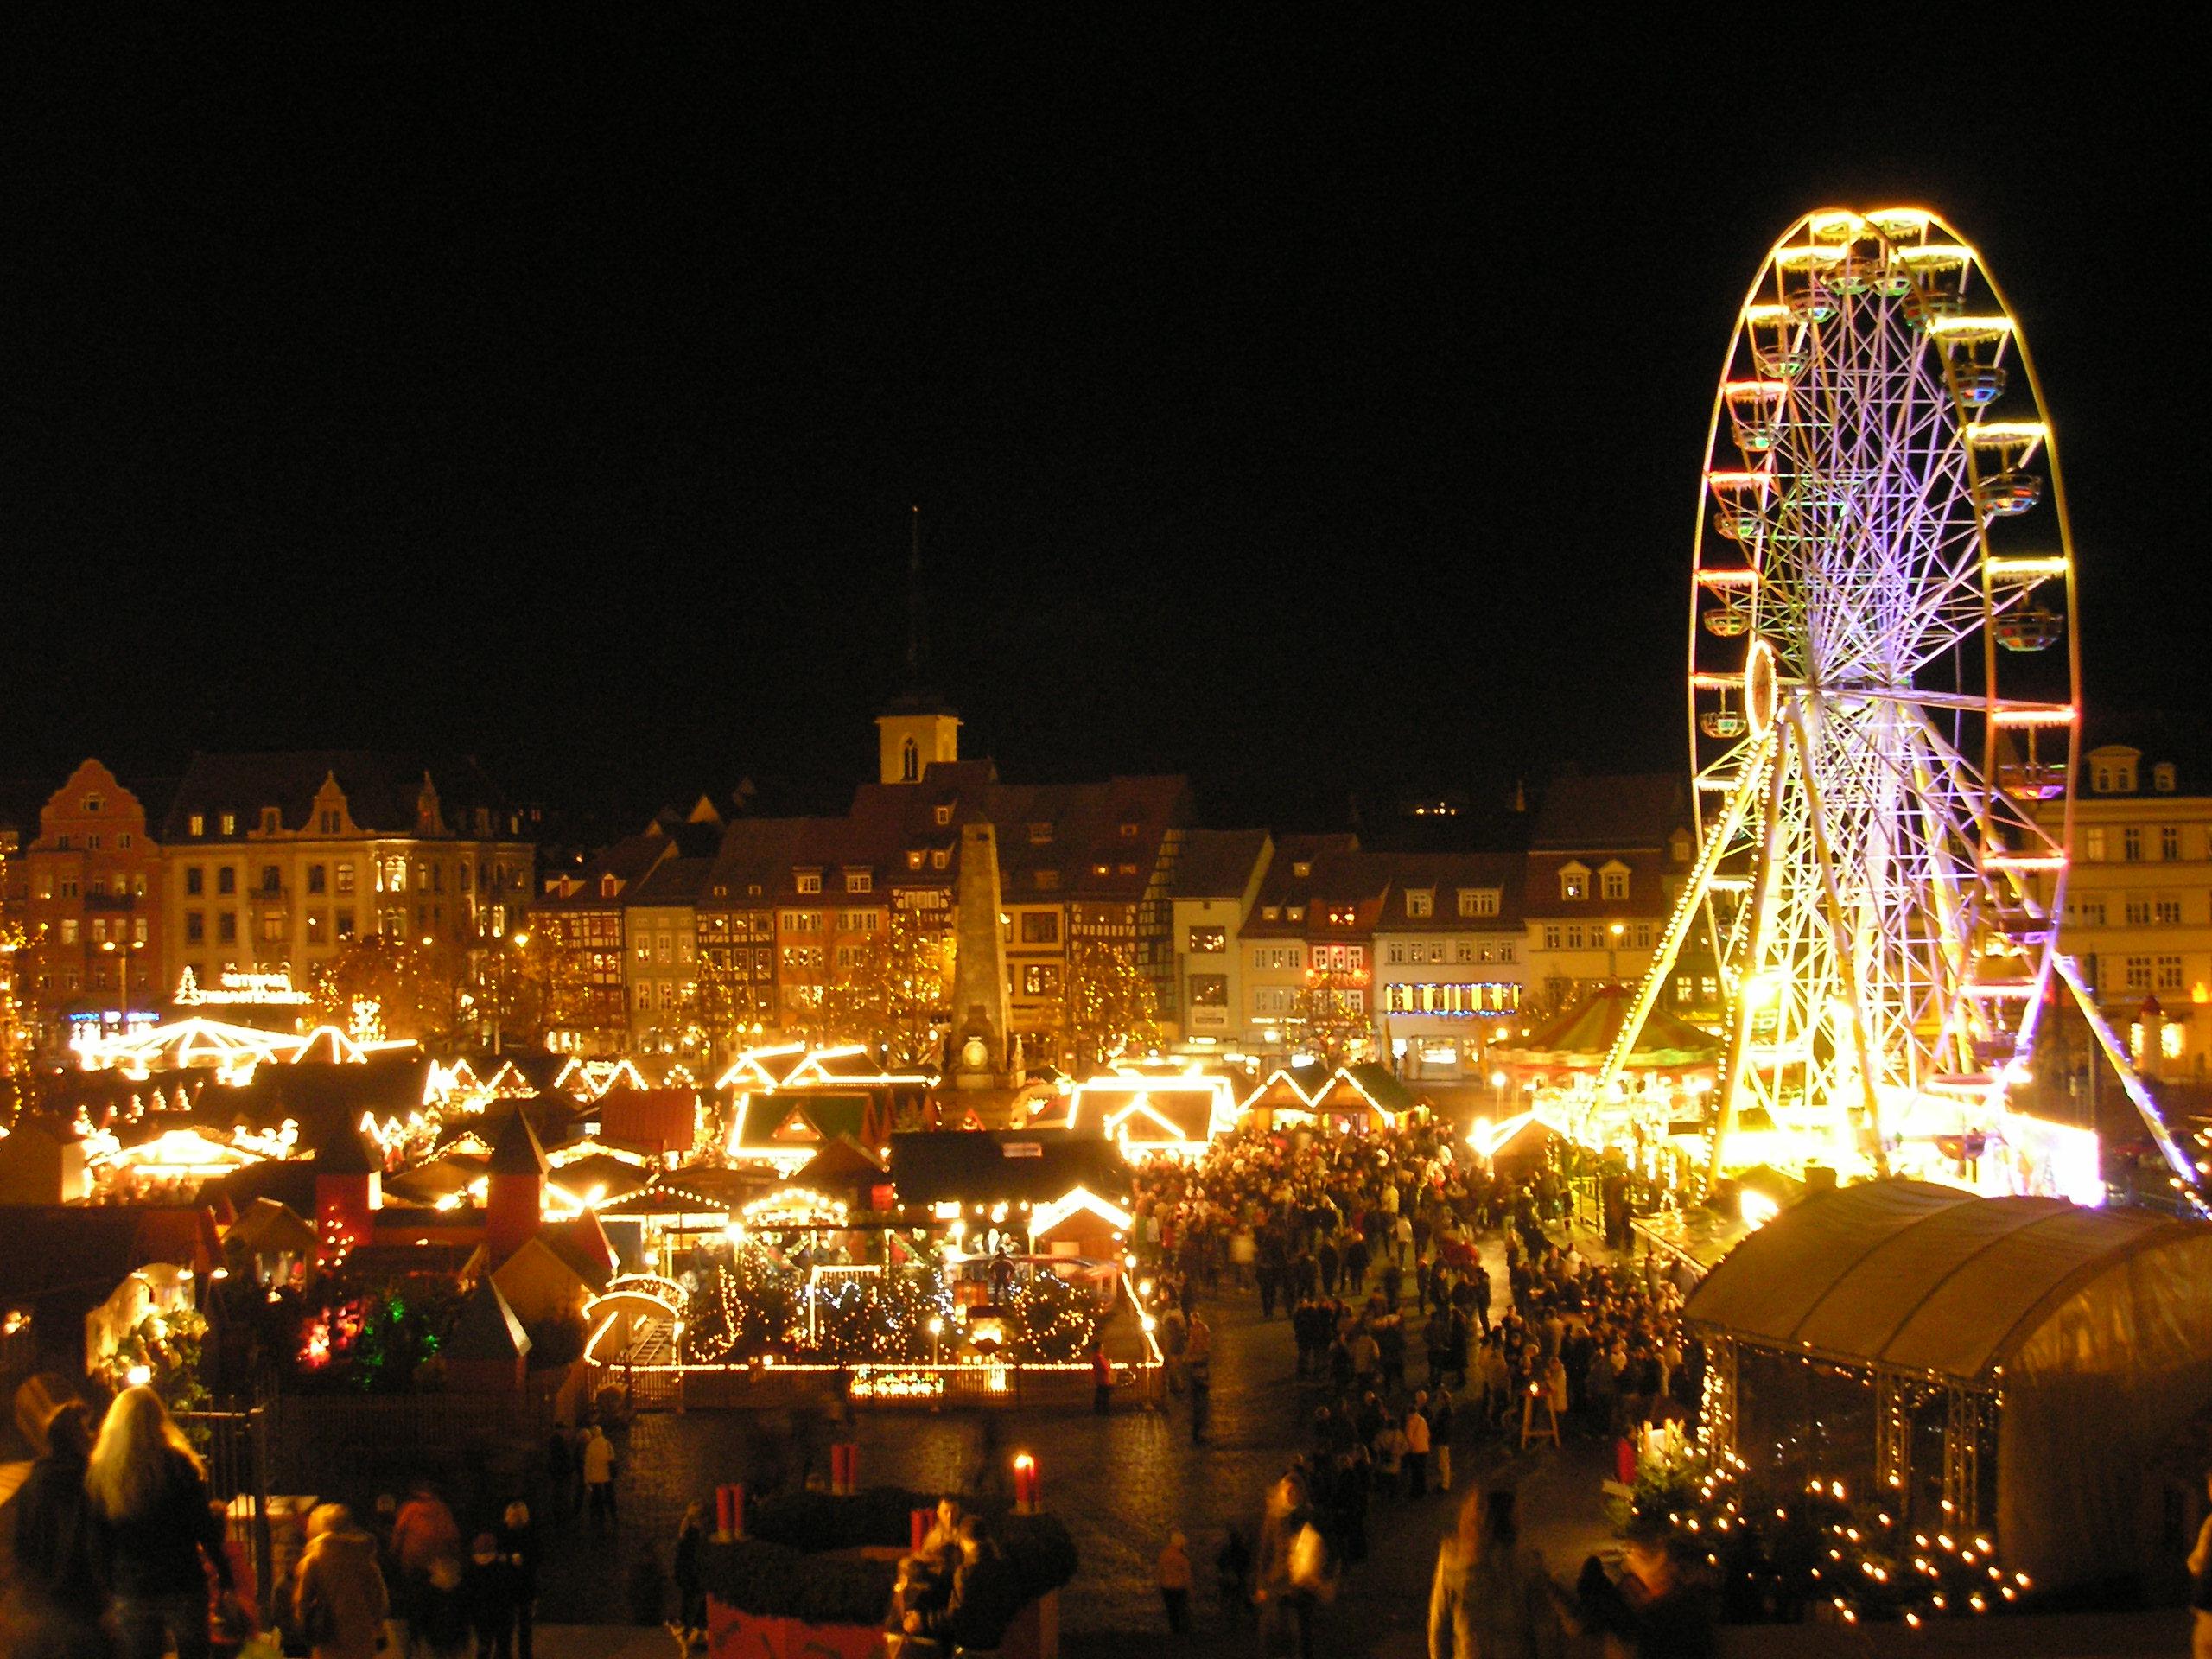 Weihnachtsmarkt Erfurt.Datei Weihnachtsmarkt Erfurt 2009 Jpg Wikipedia